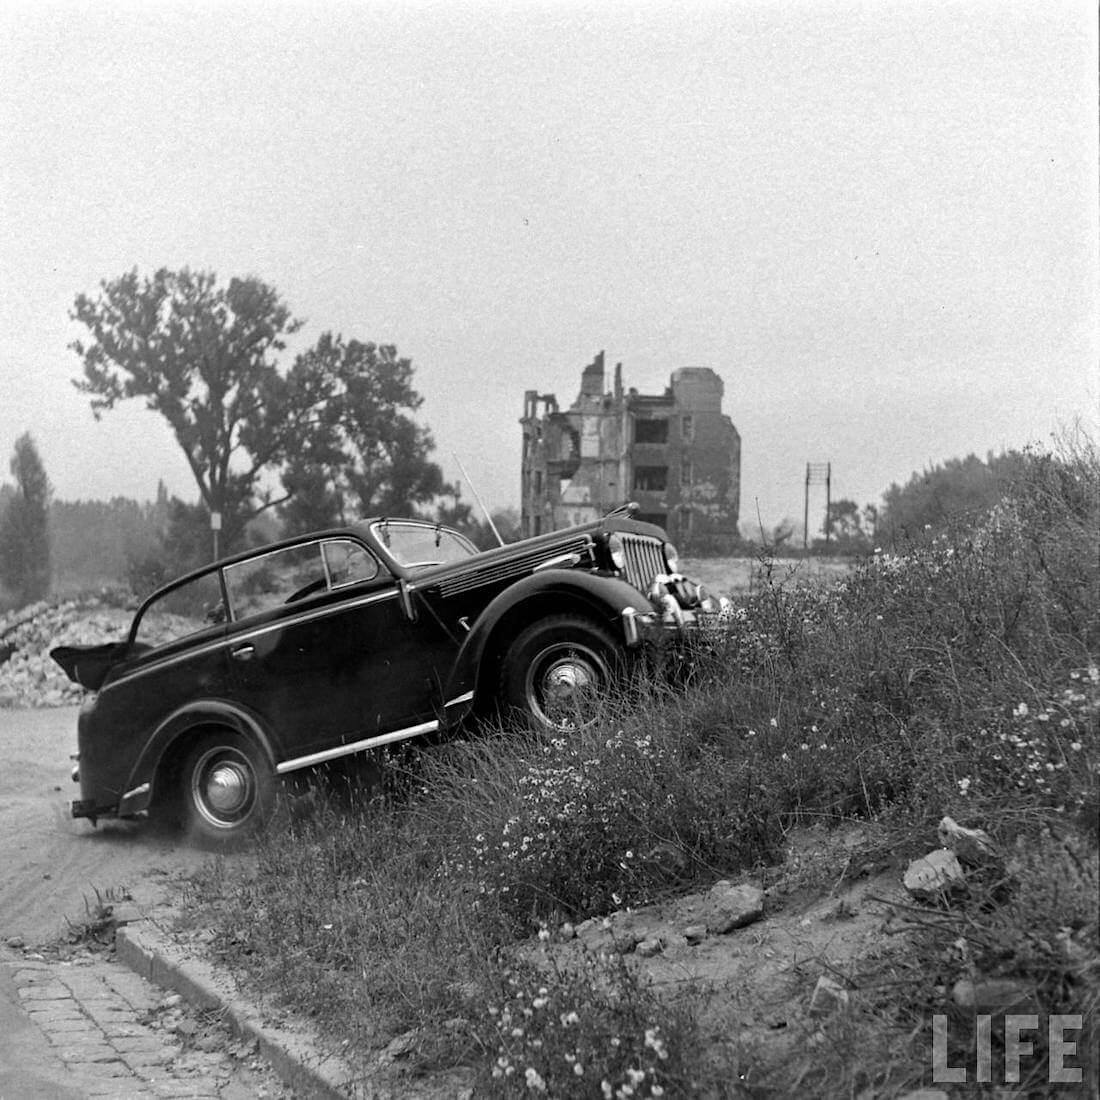 Walter Cochin 4x4 Willys Jeepster ajaa maastoon